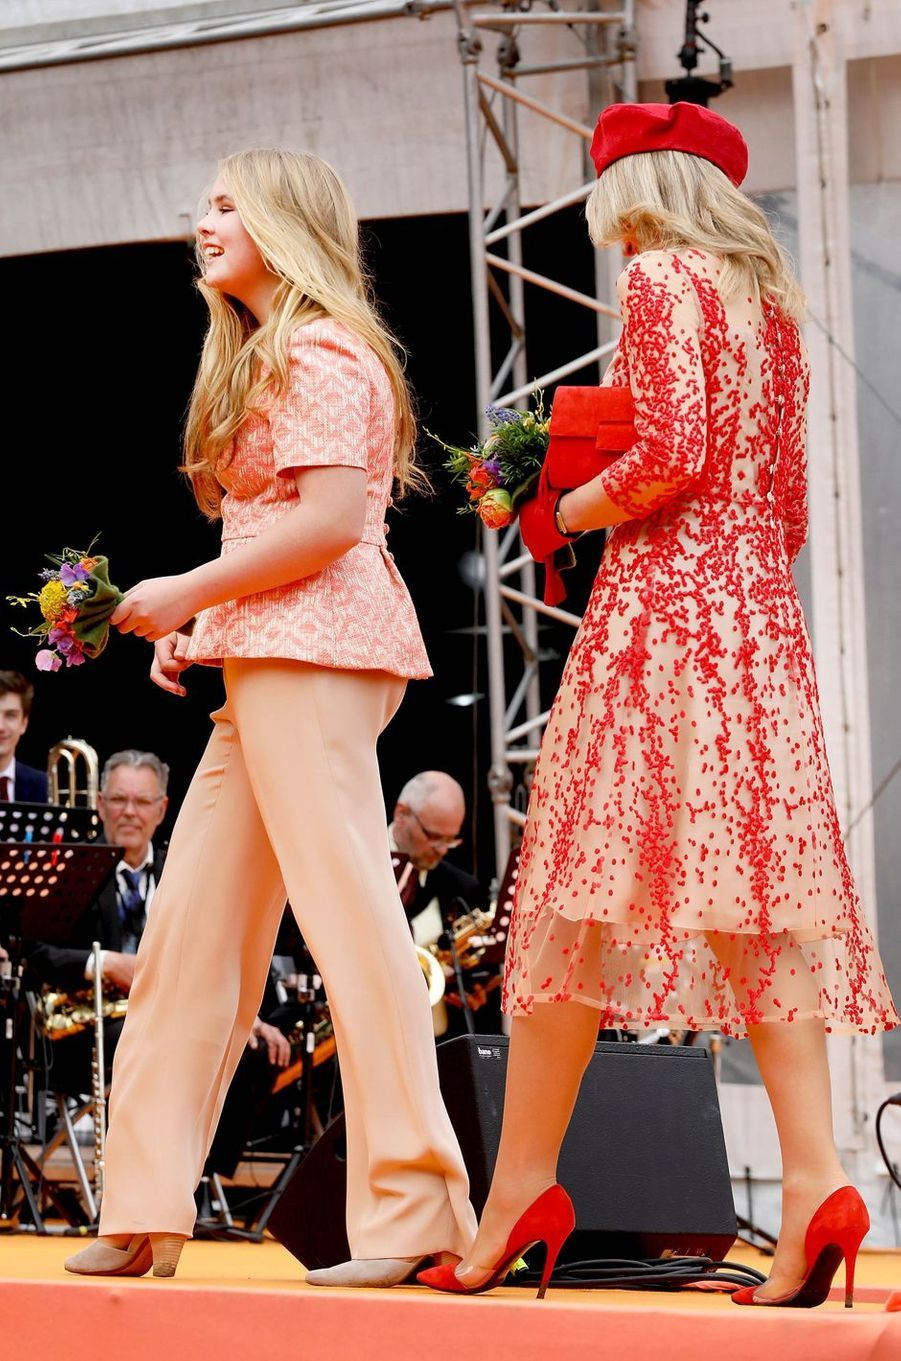 La princesse Catharina-Amalia et la reine Maxima des Pays-Bas, à Groningen le 27 avril 2018